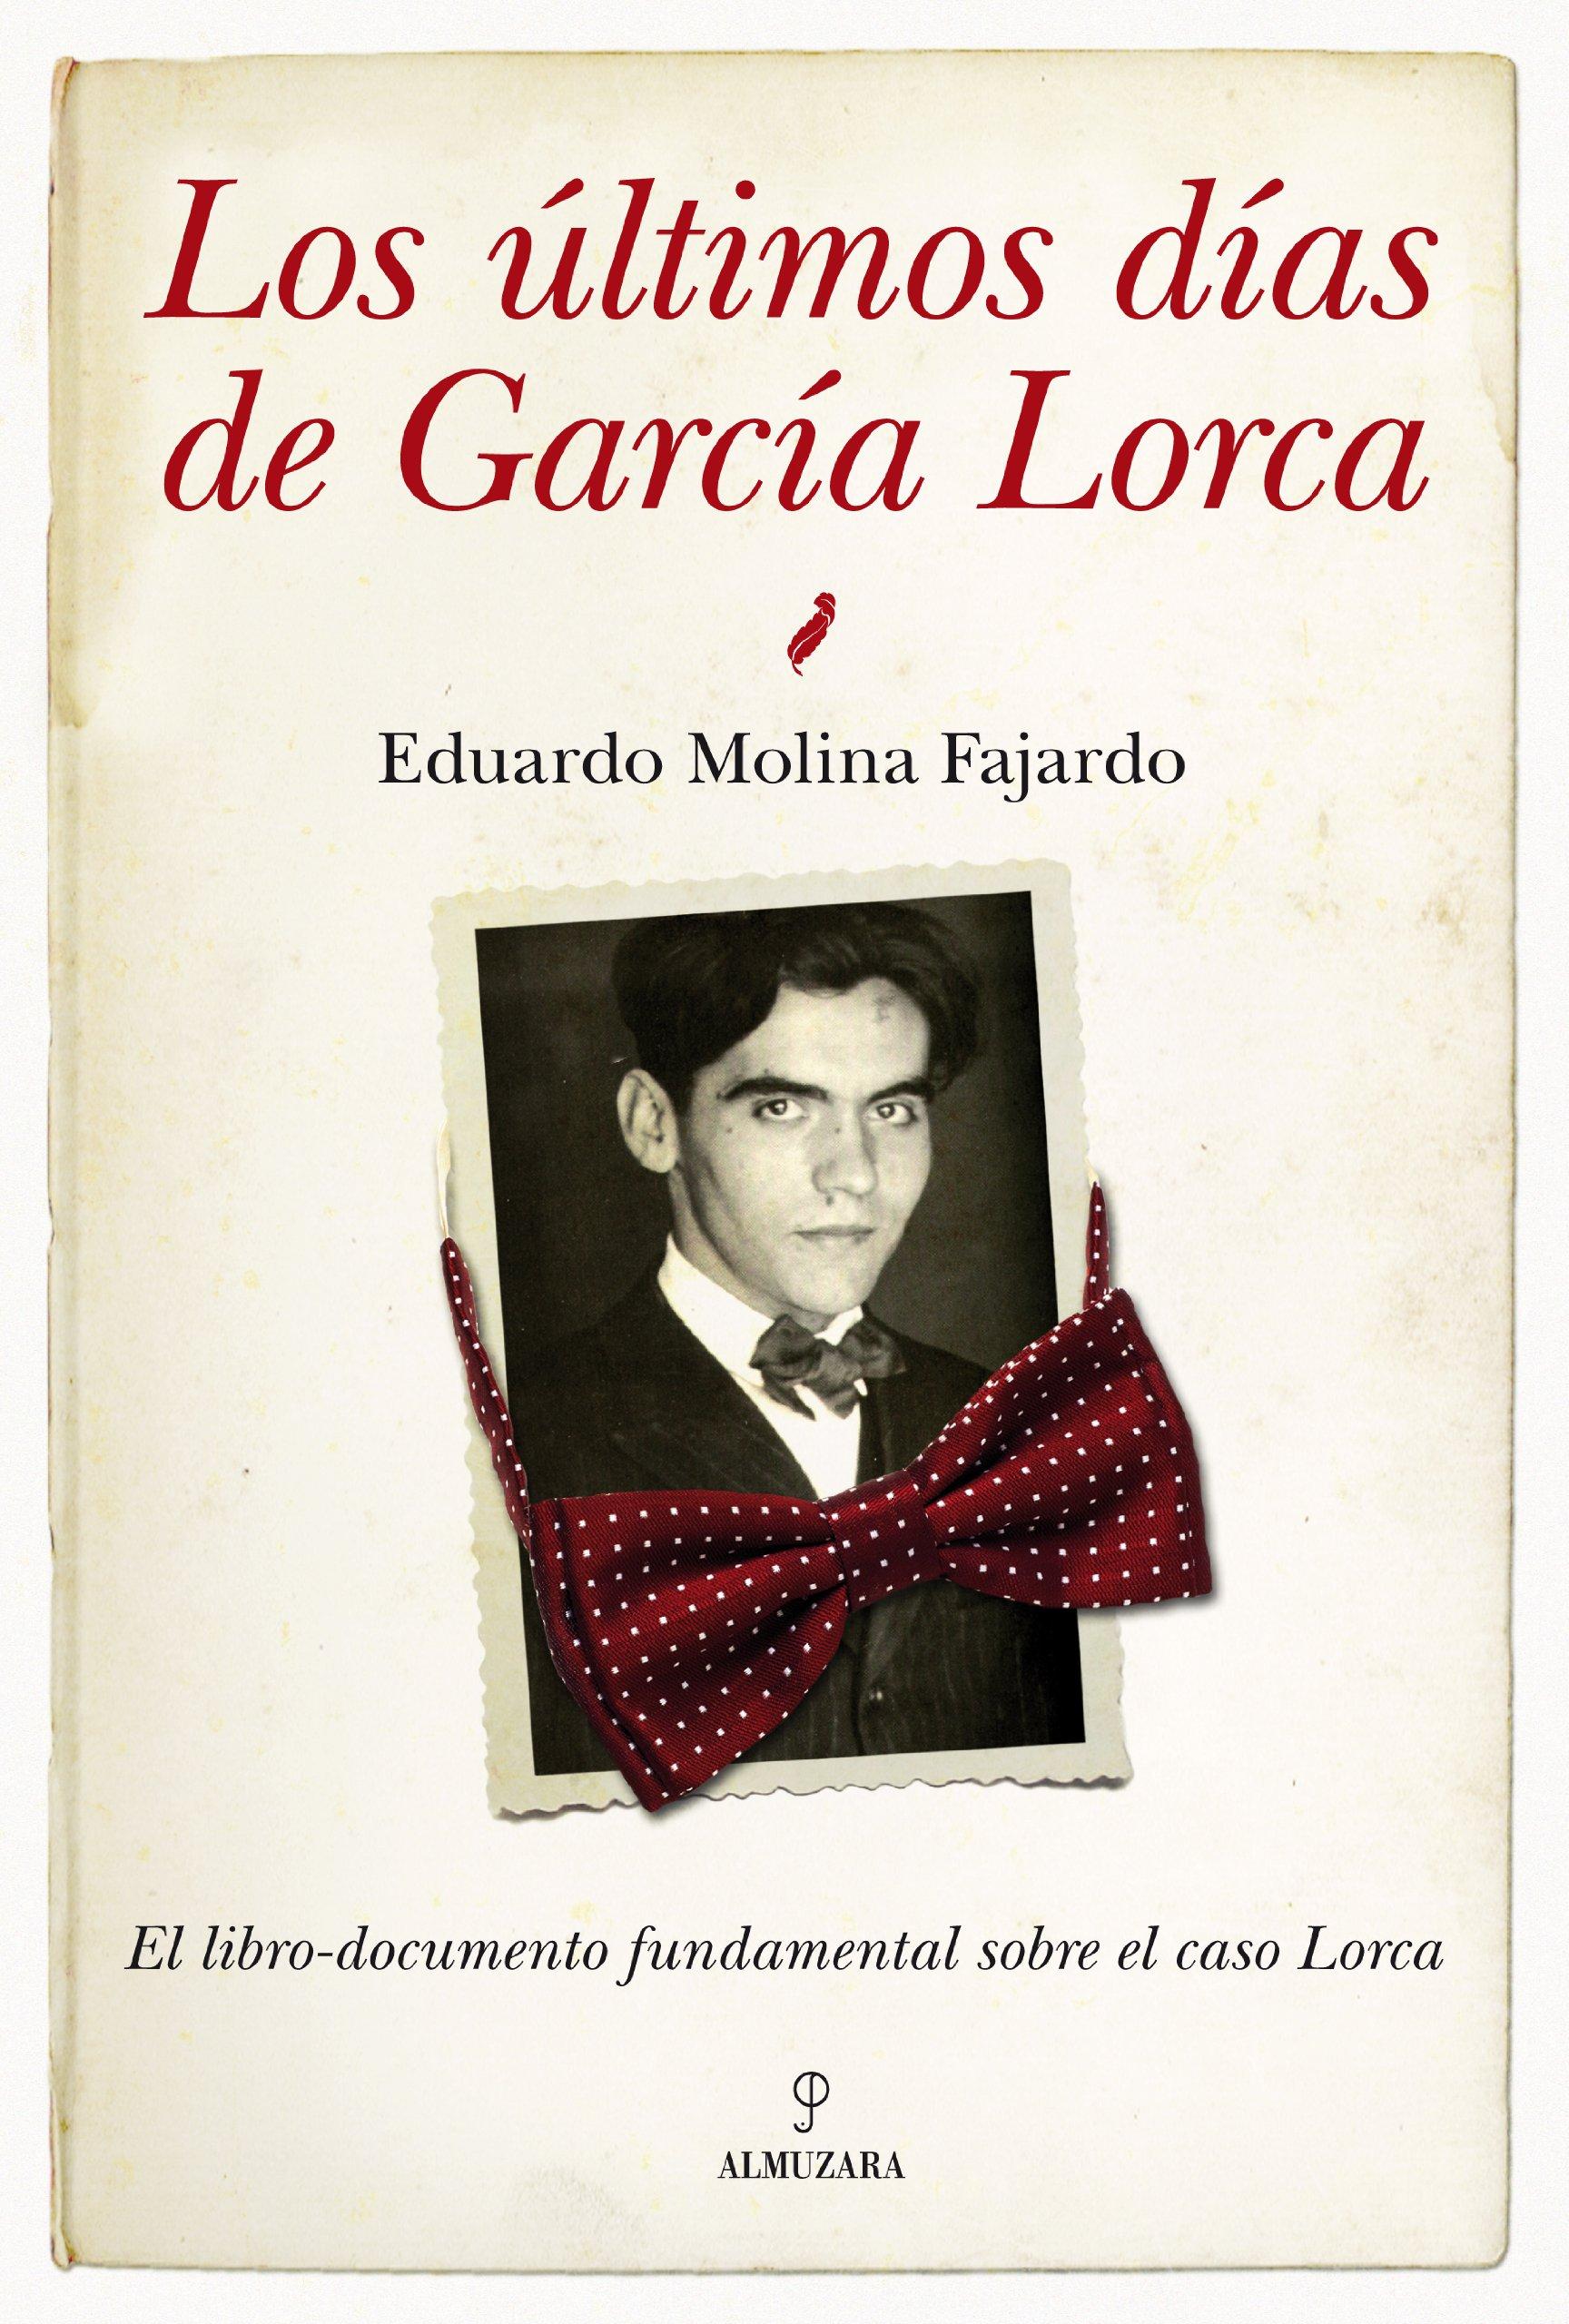 Los últimos días de García Lorca Cronicas Y Memorias: Amazon.es: Molina González, Fernando: Libros